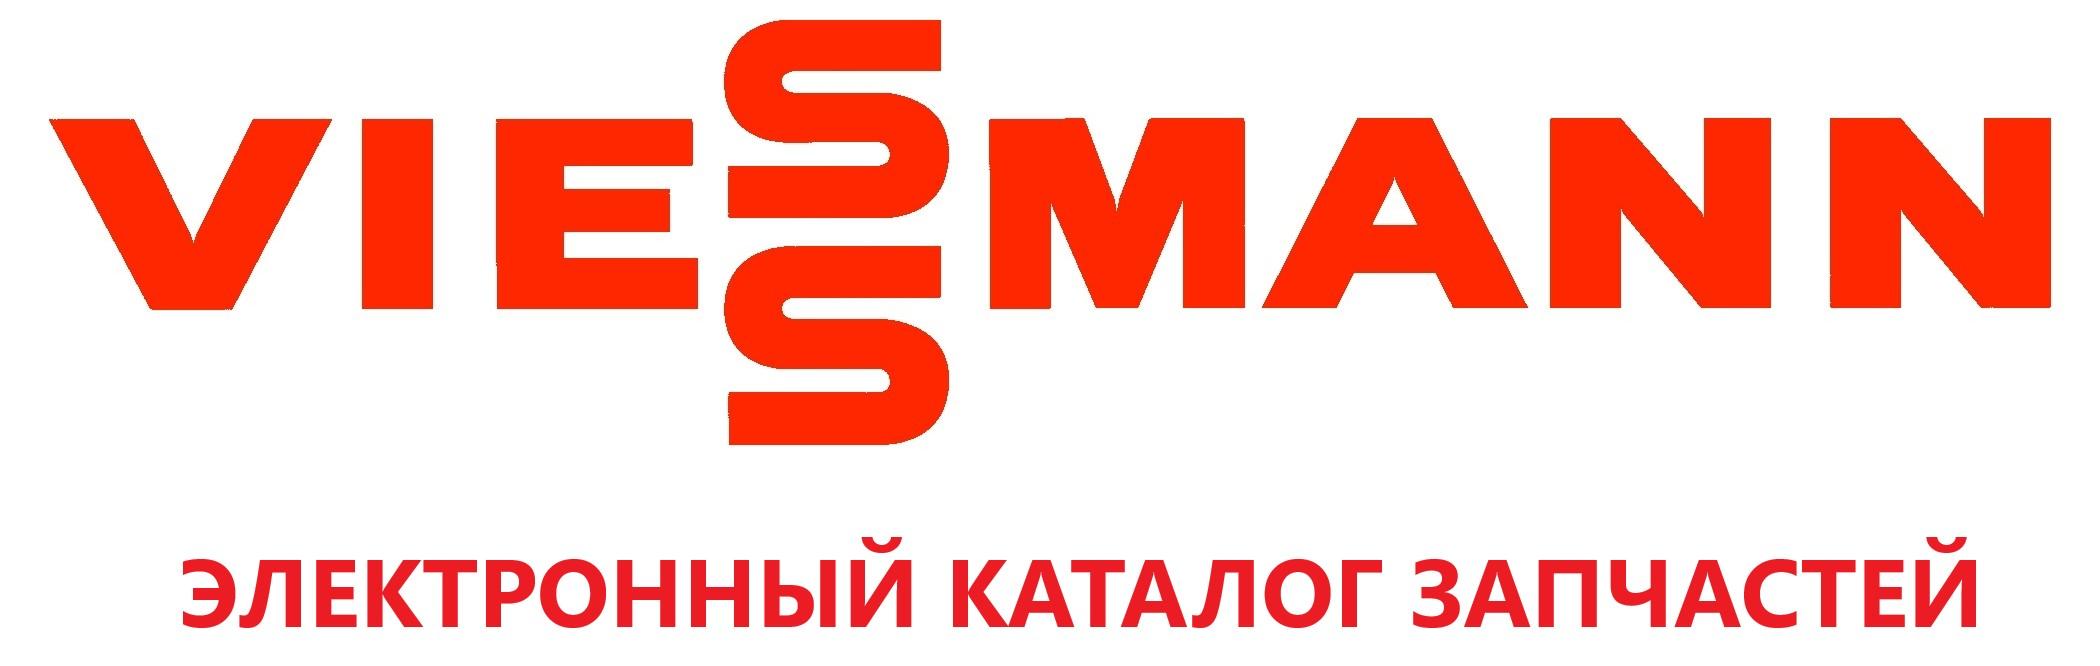 https://eventus24.ru/zapchasti-dlya-kotlov/zapchasti-k-kotlam-viessmann/vzryvnye-chertezhi-i-spetsifikatsii-k-kotlam-viessmann